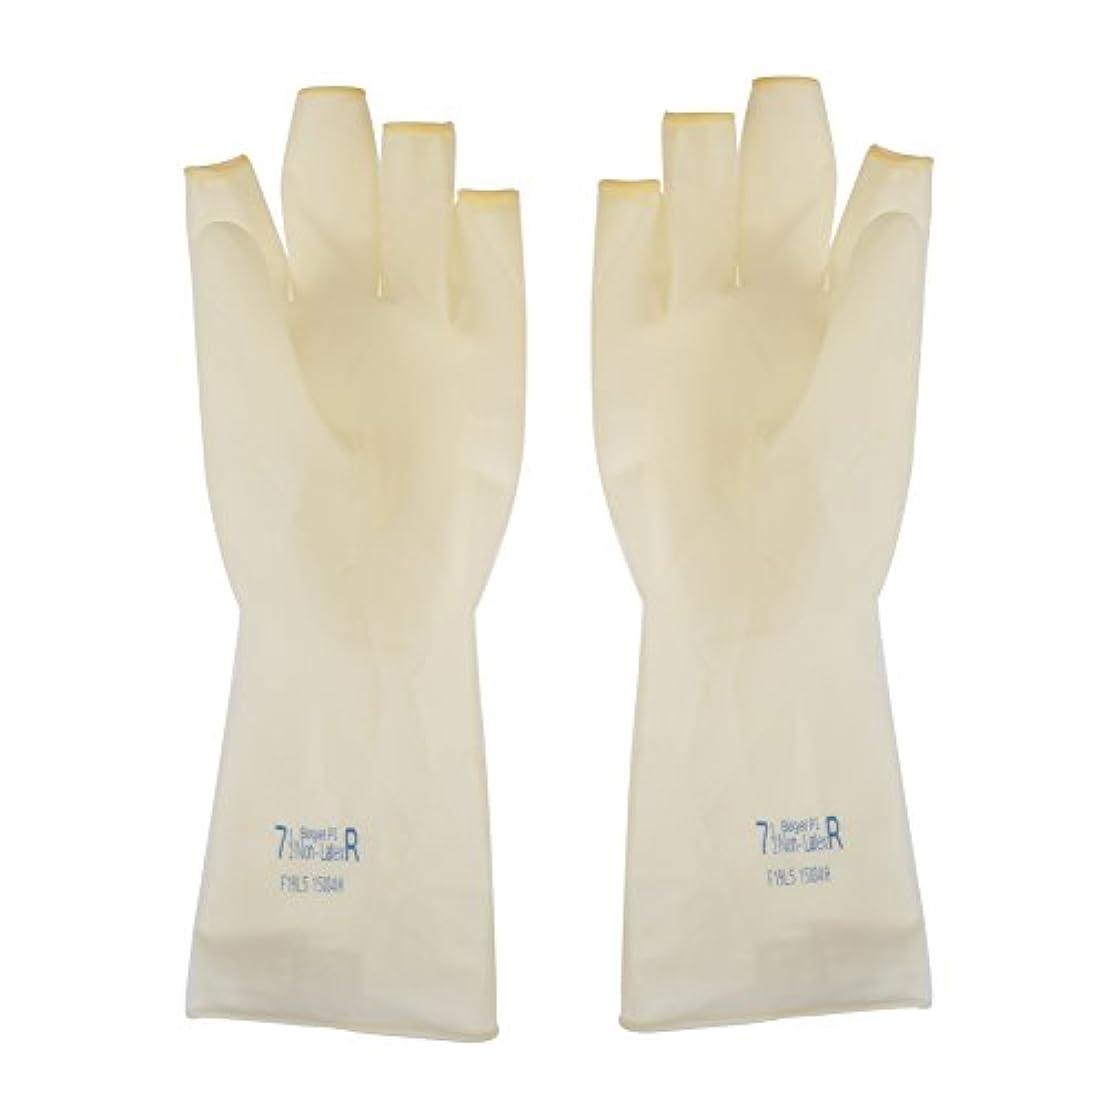 表示聖歌シェードAEdiea 1ペア ゴム手袋   毛染め手袋 使い捨て 弾性 伸縮性 ヘアサロン サロンツール (M)